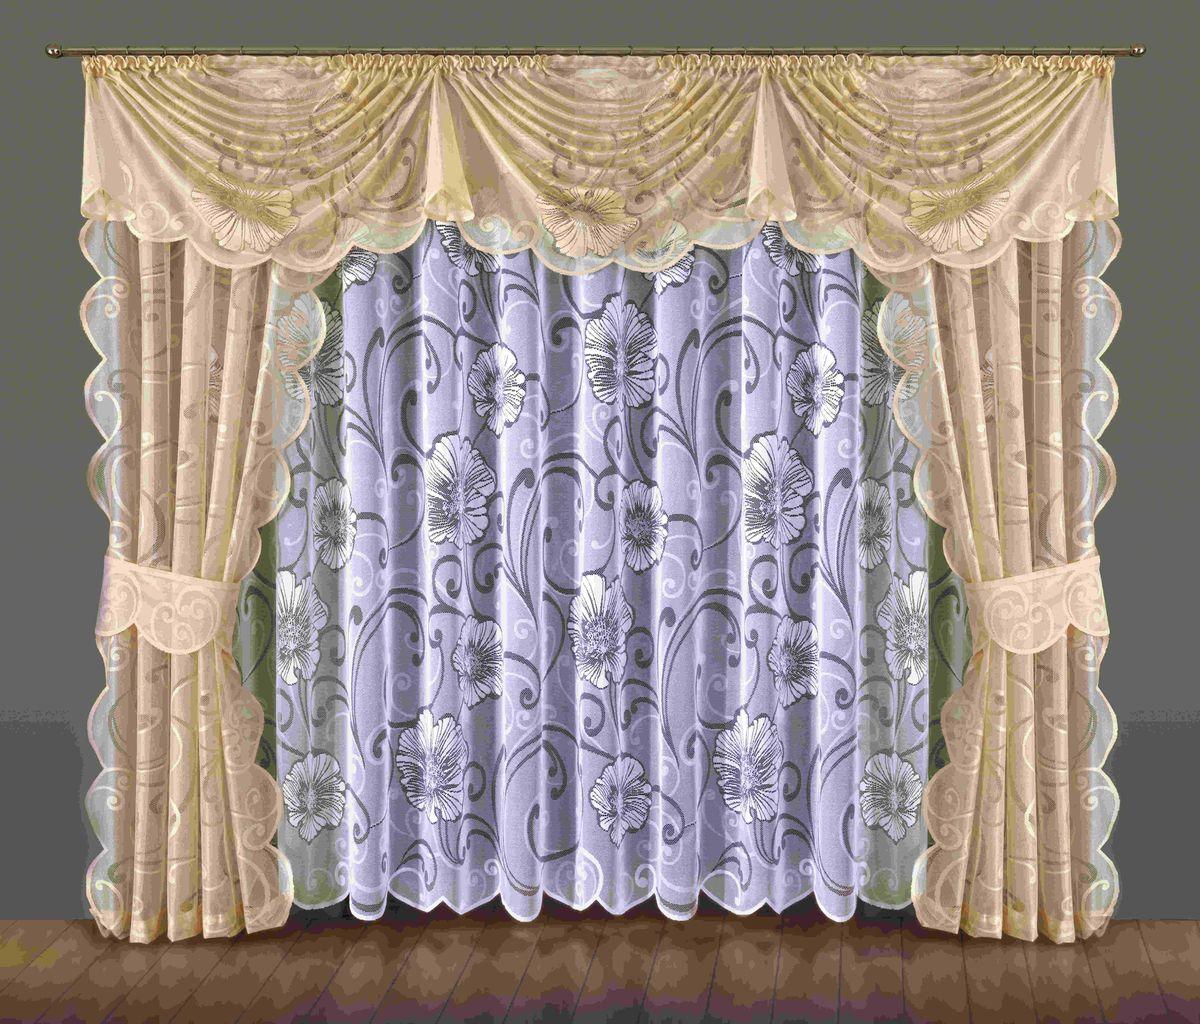 Комплект штор Wisan Bonita, на ленте, цвет: белый, бежевый, высота 250 смS03301004Комплект штор Wisan Bonita выполненный из полиэстера, великолепно украсит любое окно. В комплект входят 2 шторы, тюль, ламбрекен и 2 подхвата. Цветочный орнамент придает комплекту особый стиль и шарм. Тонкое плетение, нежная цветовая гамма и роскошное исполнение - все это делает шторы Wisan Bonita замечательным дополнением интерьера помещения.Комплект оснащен шторной лентой для красивой сборки. В комплект входит: Штора - 2 шт. Размер (ШхВ): 145 см х 250 см.Тюль - 1 шт. Размер (ШхВ): 400 см х 250 см. Ламбрекен - 1 шт. Размер (ШхВ): 360 см х 60 см. Подхват - 2 шт.Фирма Wisan на польском рынке существует уже более пятидесяти лет и является одной из лучших польских фабрик по производству штор и тканей. Ассортимент фирмы представлен готовыми комплектами штор для гостиной, детской, кухни, а также текстилем для кухни (скатерти, салфетки, дорожки, кухонные занавески). Модельный ряд отличает оригинальный дизайн, высокое качество. Ассортимент продукции постоянно пополняется.